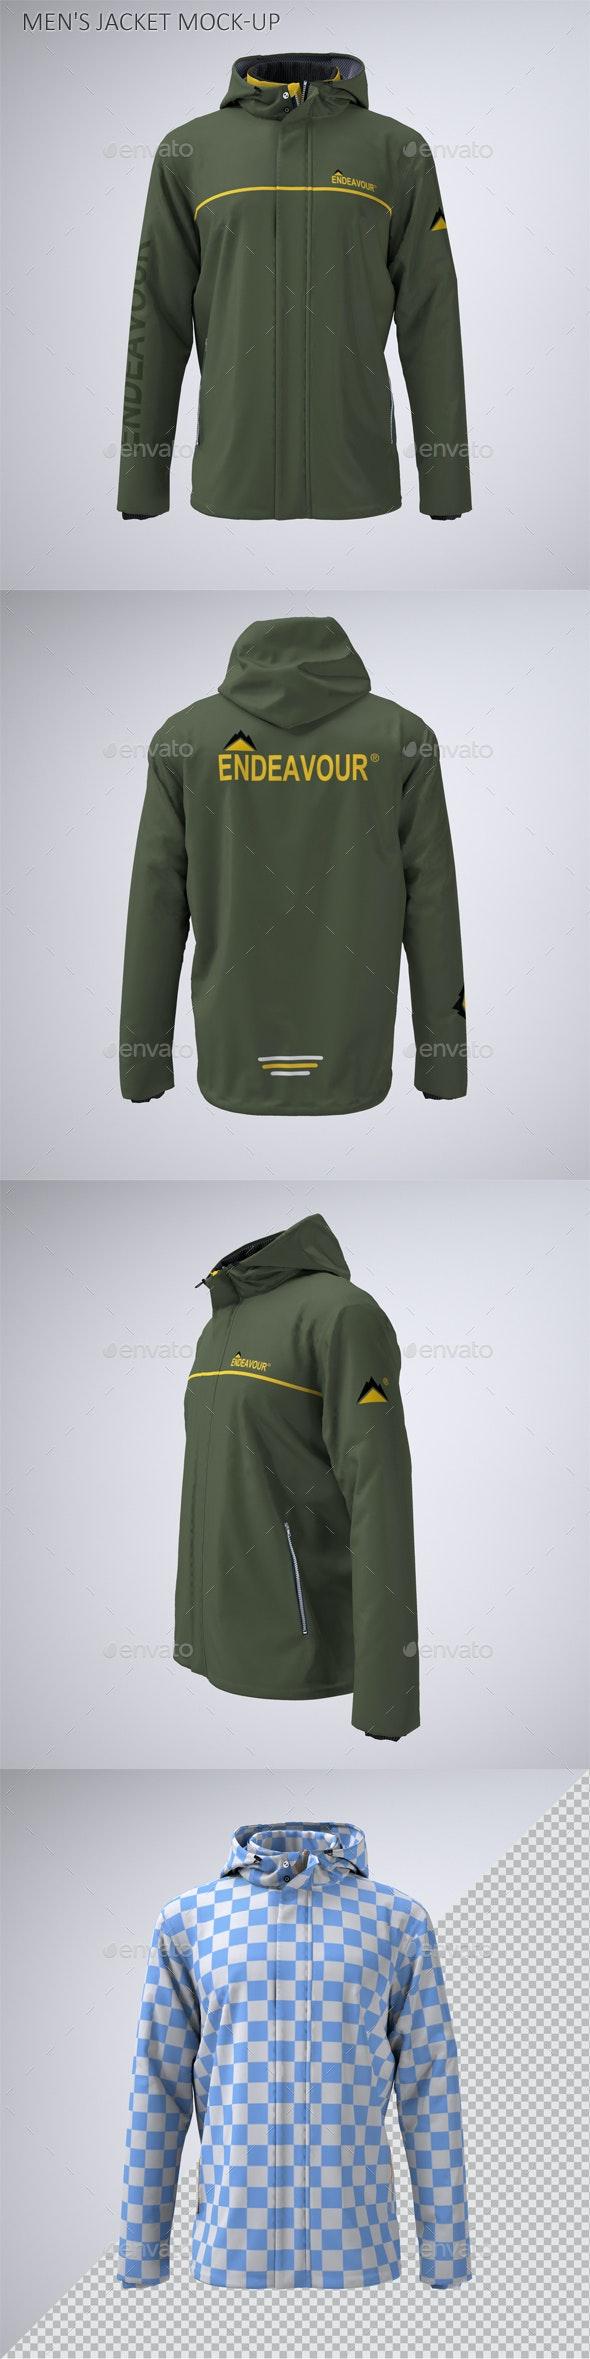 Men's Work Jacket Mock-Up - Apparel Product Mock-Ups